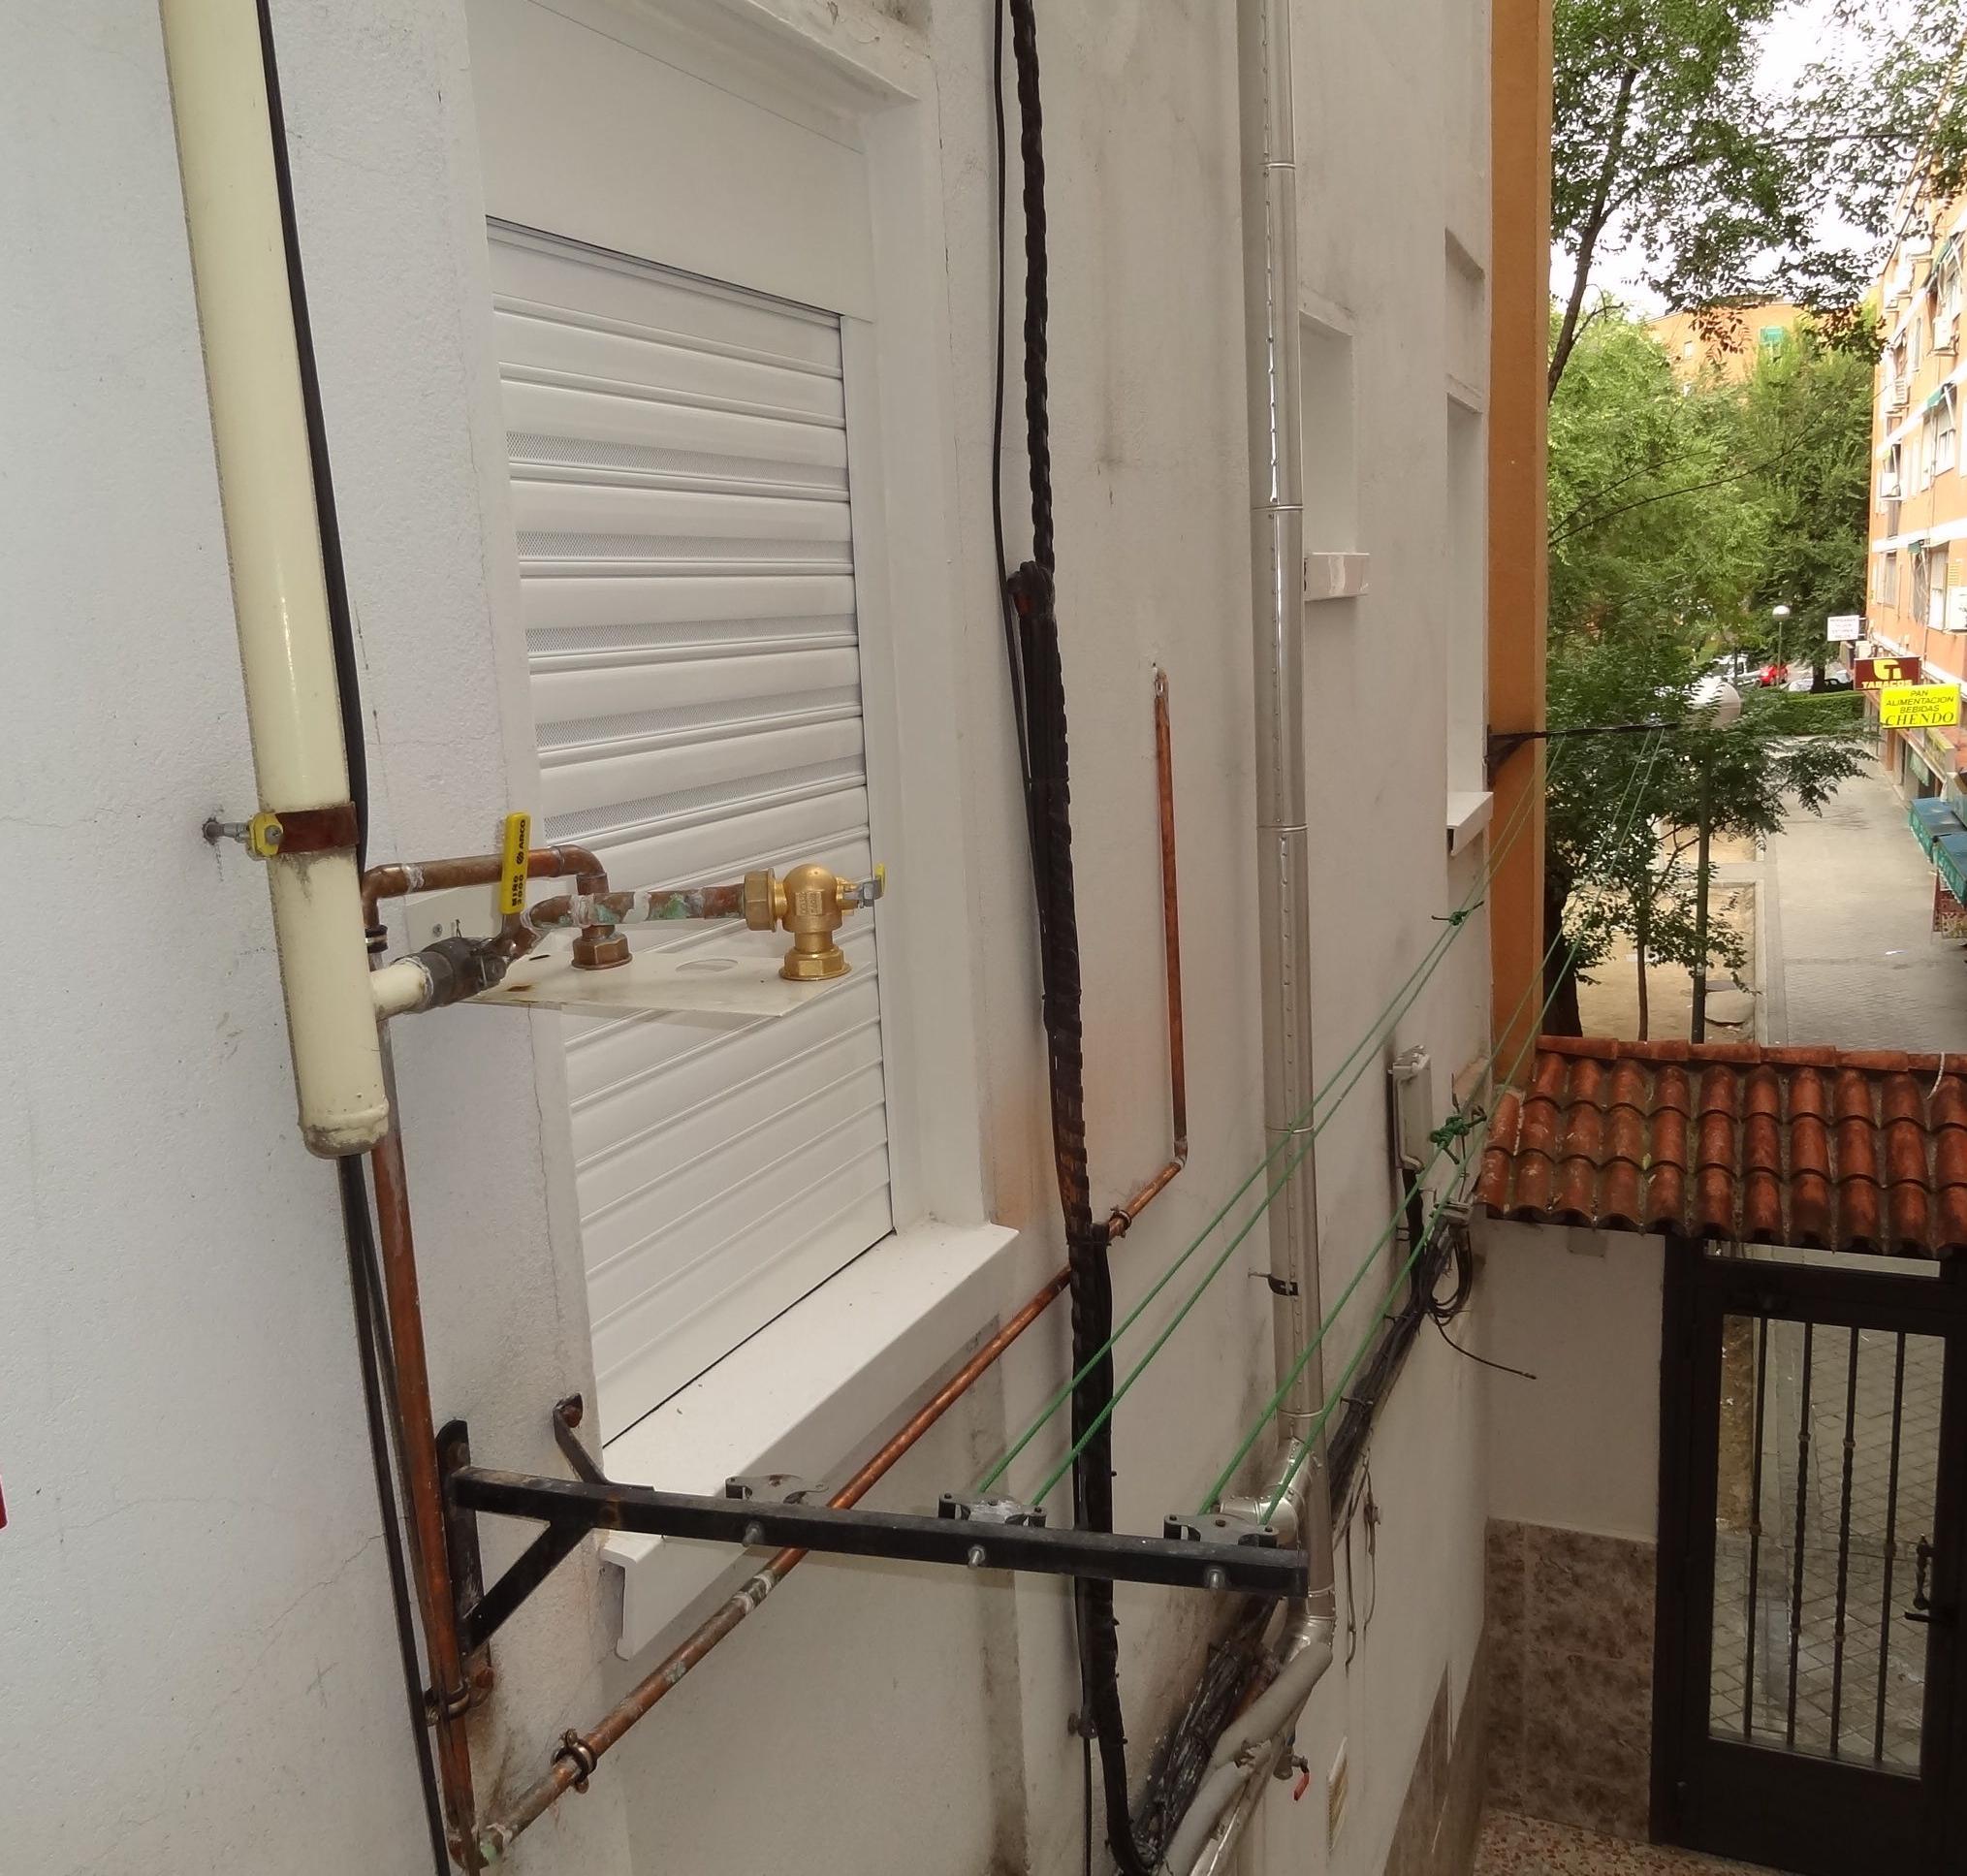 INSTALACIONES DE GAS: Nuestros servicios de Esteban Sanz Proyectos, Obras y Reformas